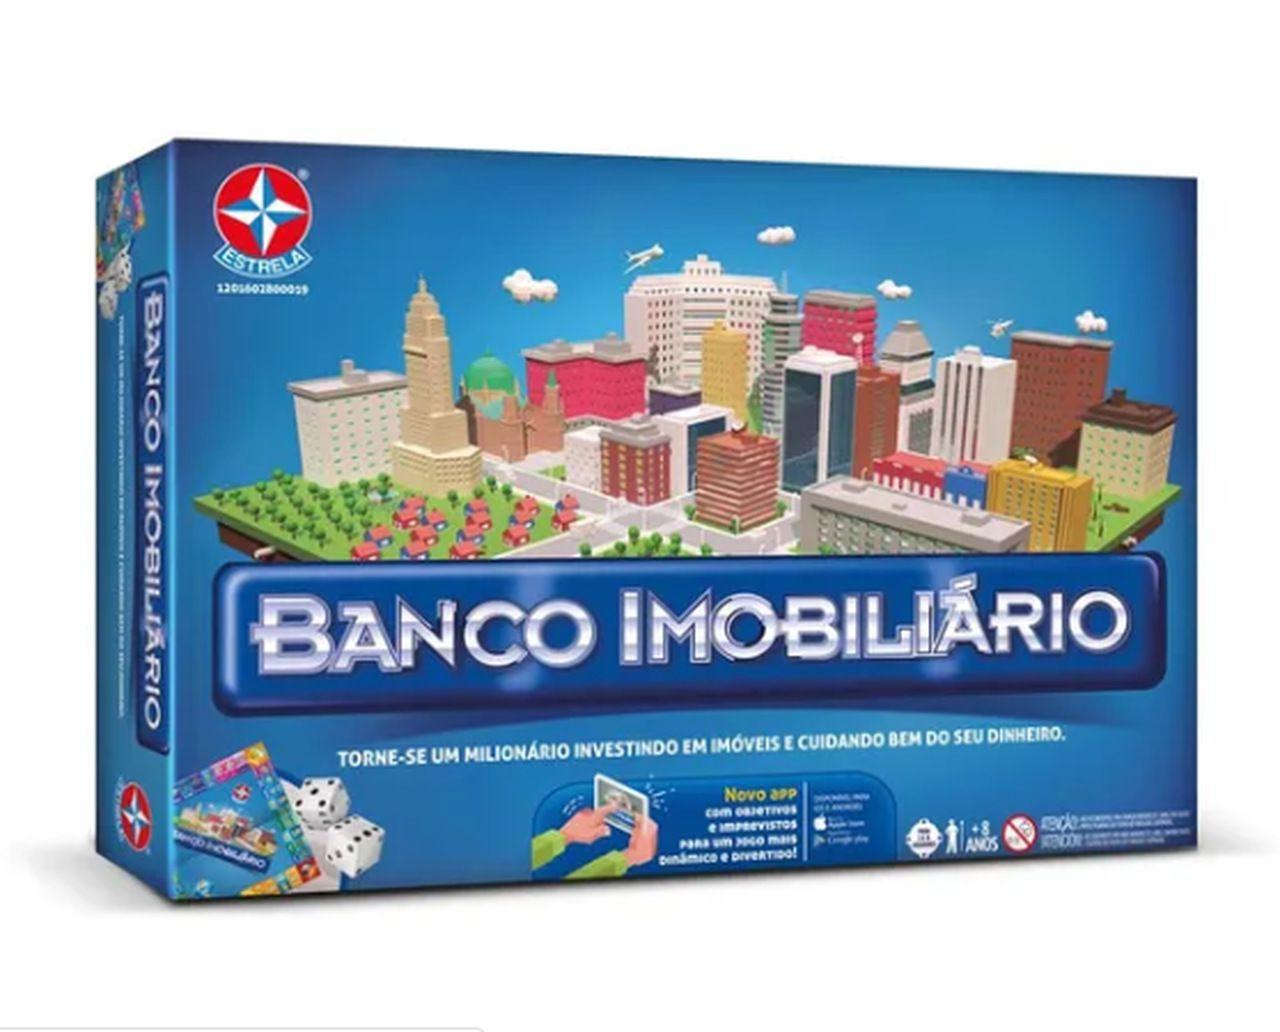 Jogo Banco Imobiliário com Aplicativo (Board Games) - Estrela